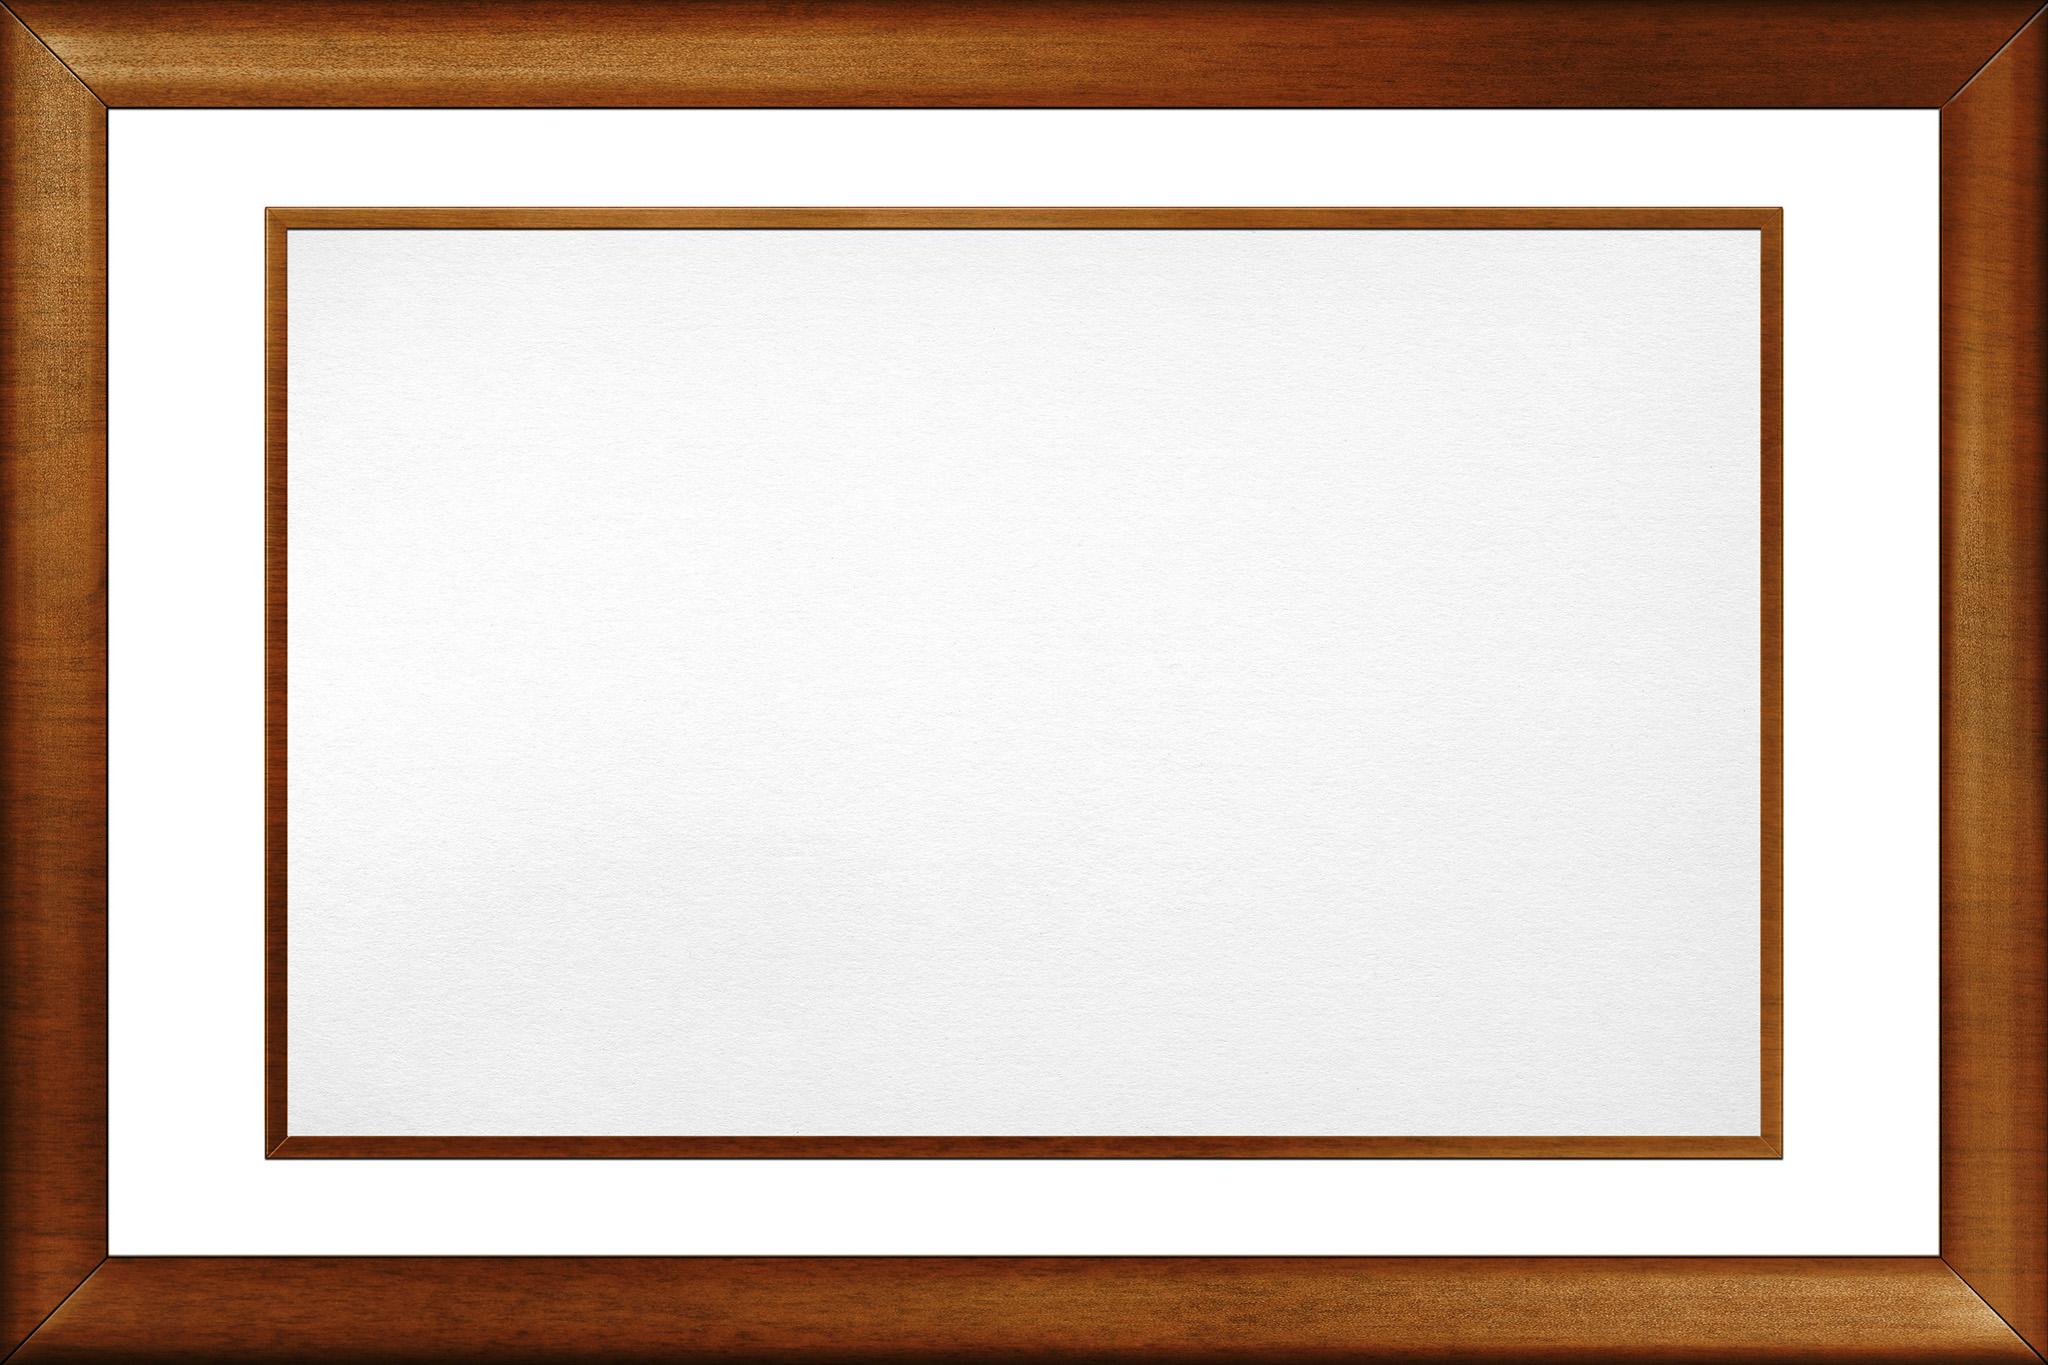 「艶のある木素材の額縁」の素材を無料ダウンロード